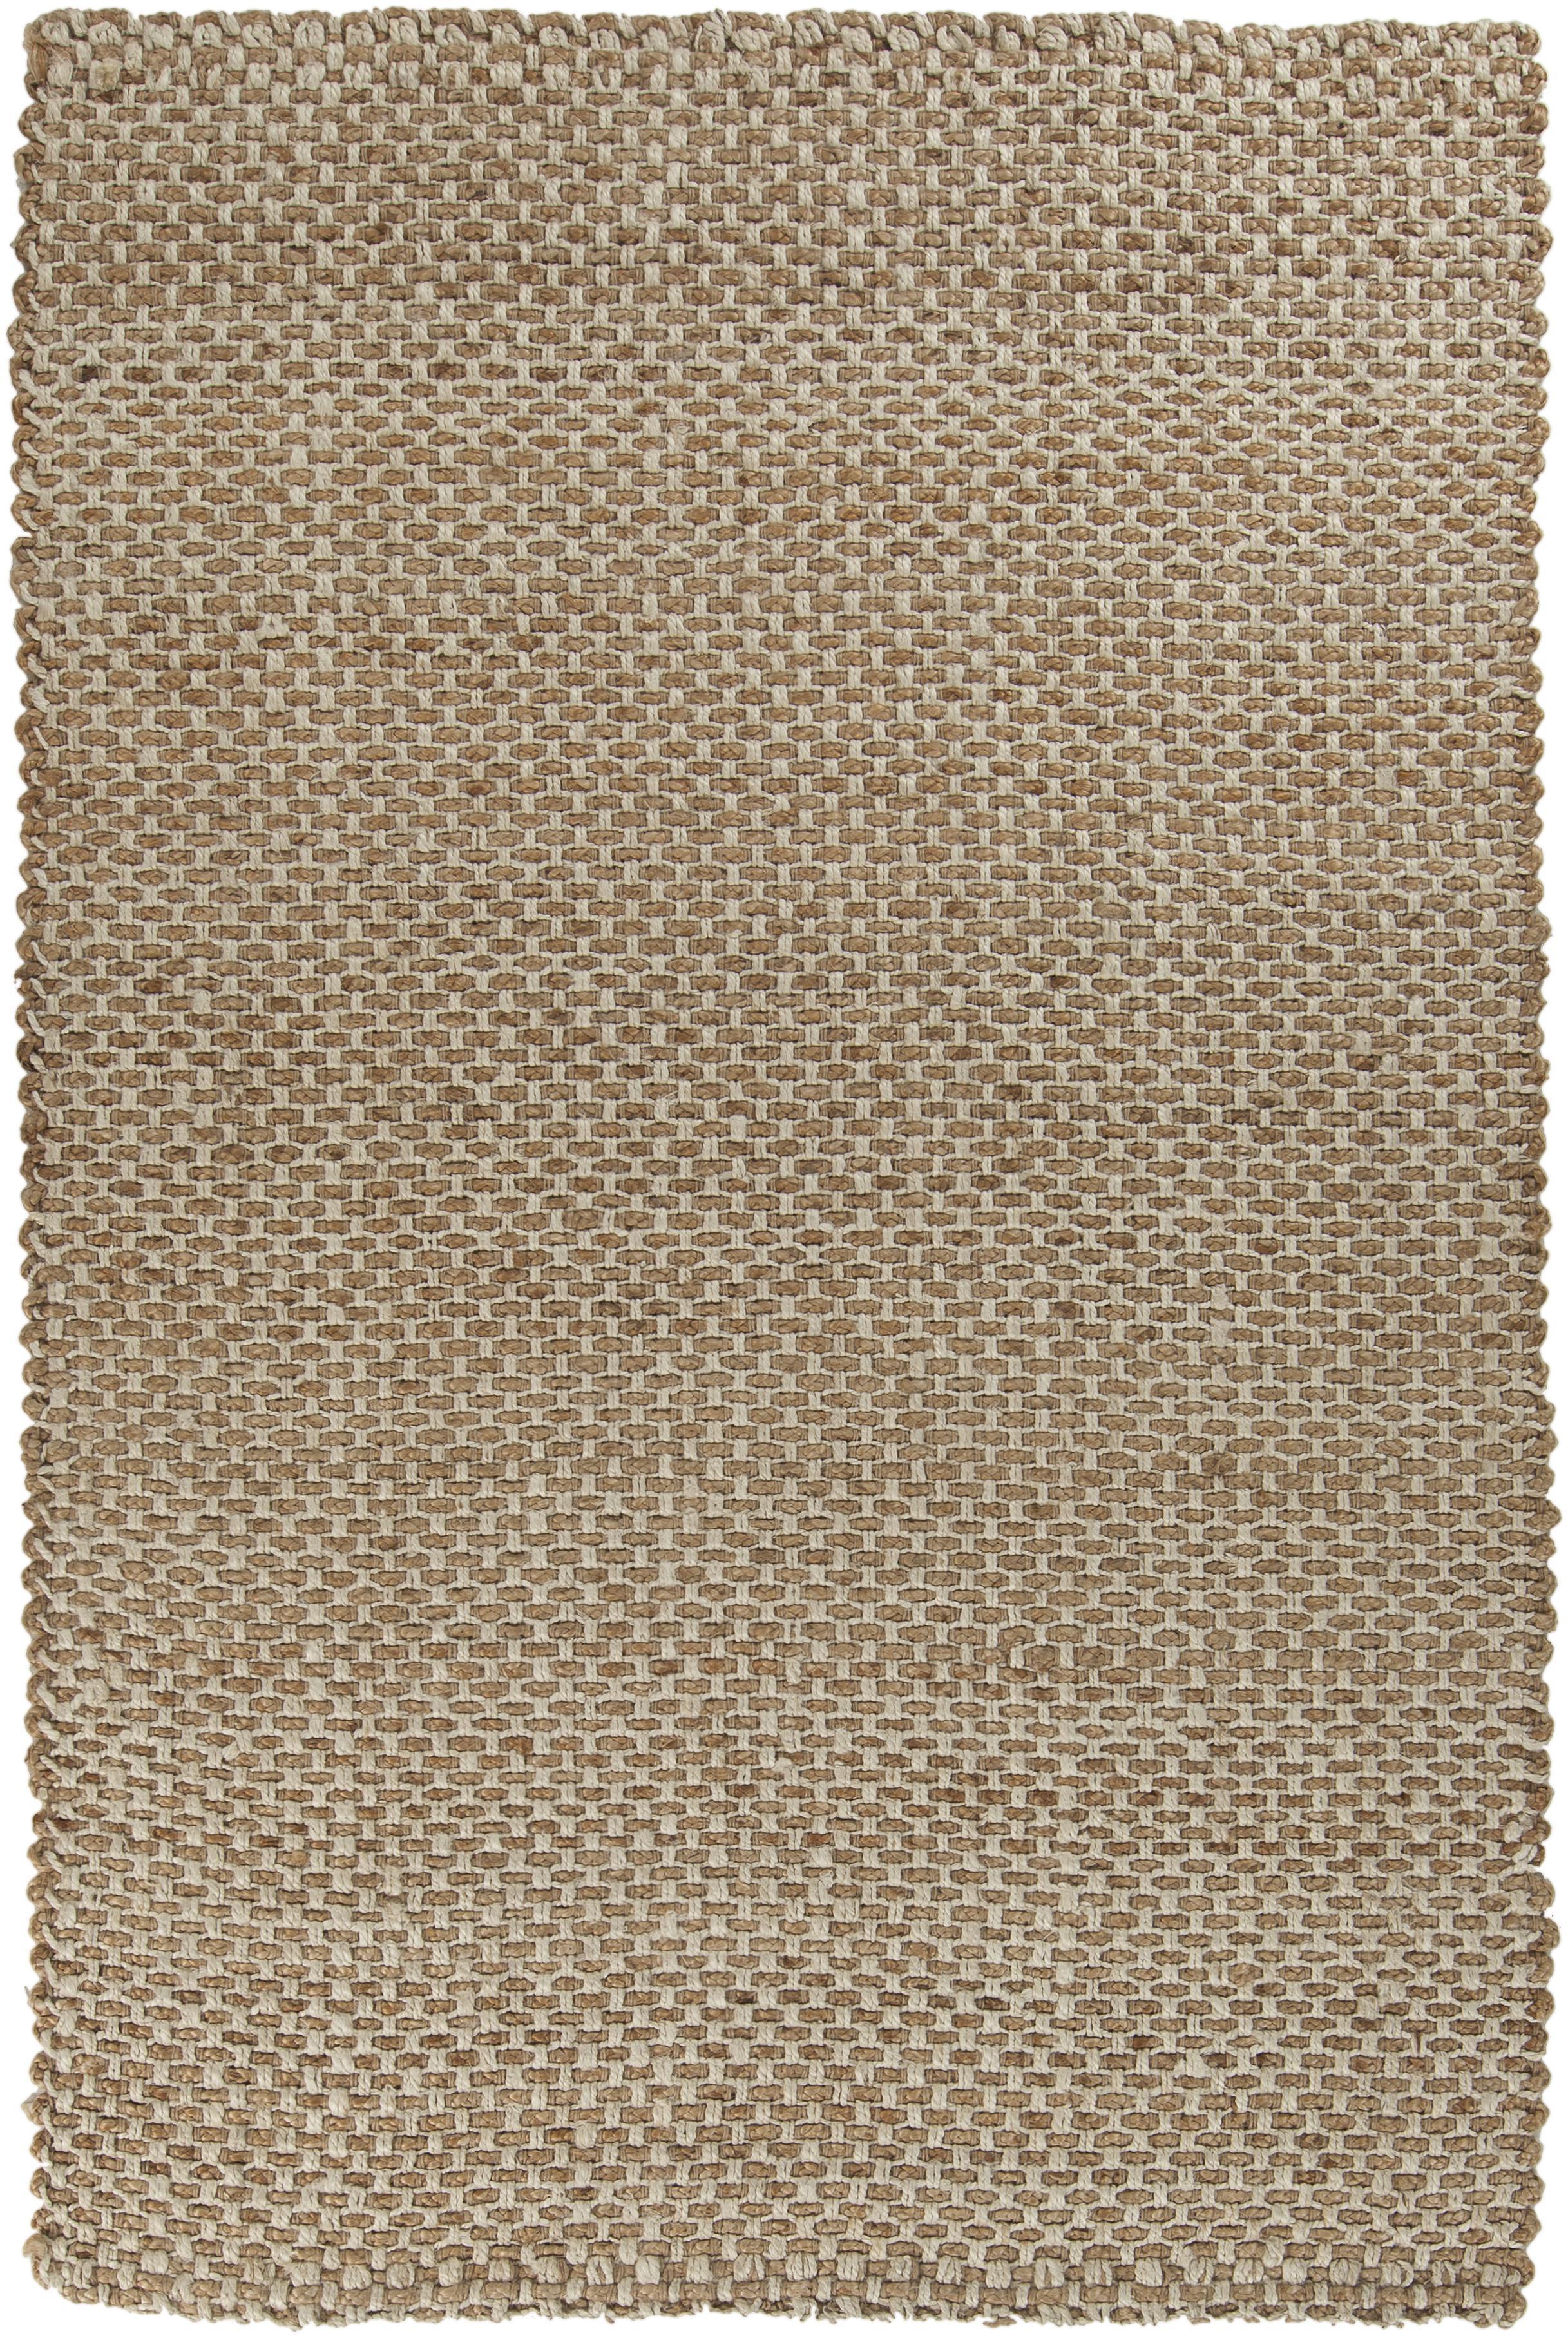 Surya Rugs Reeds 2' x 3' - Item Number: REED824-23